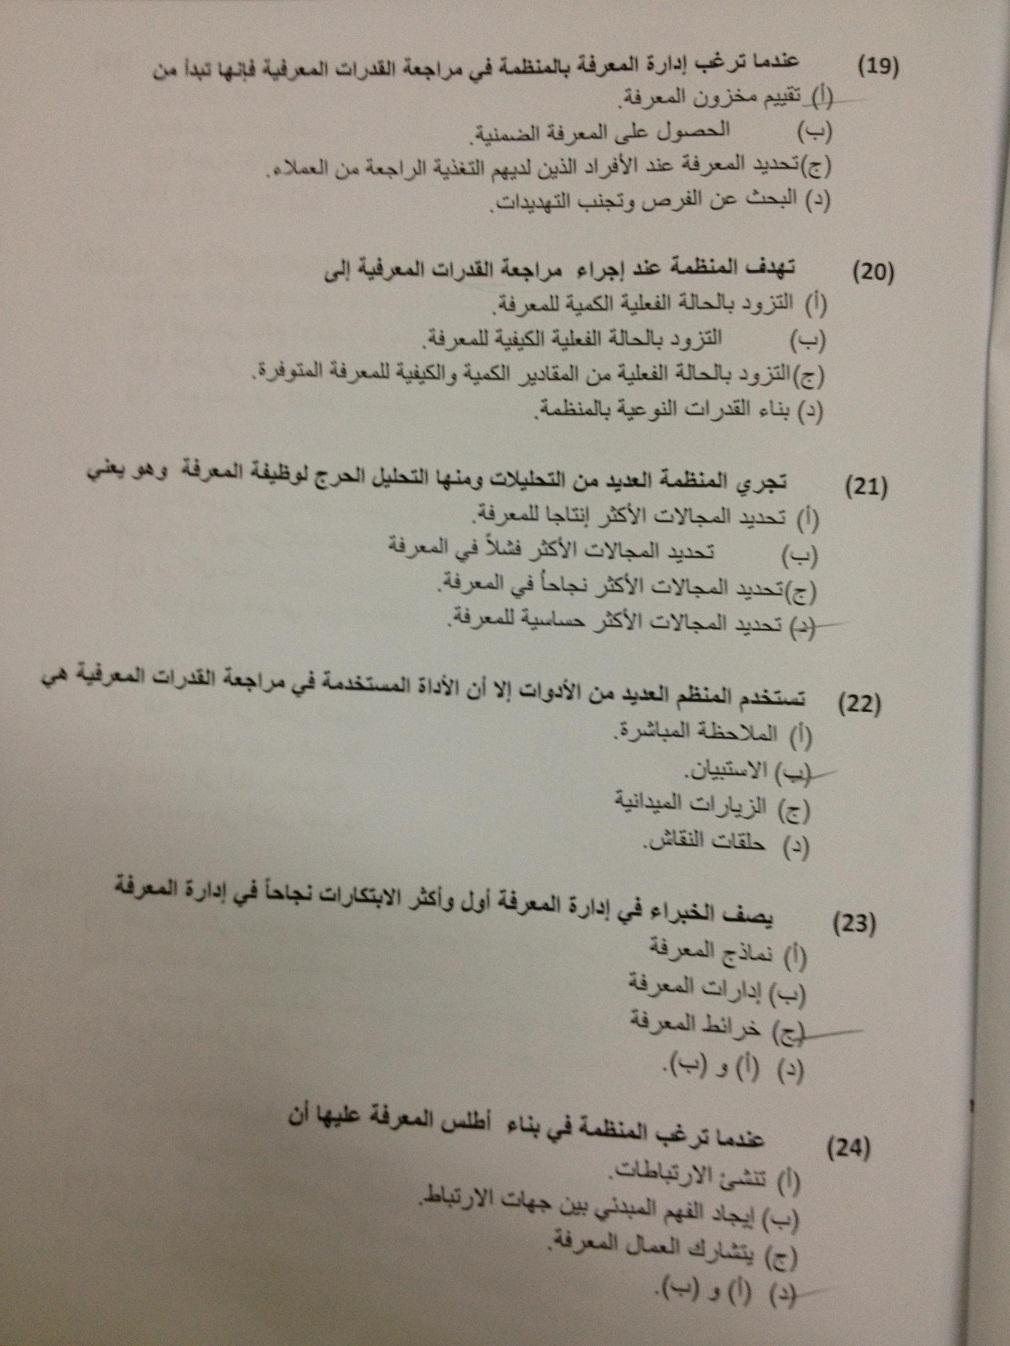 اسئلة اختبار مادة إدارة المعرفة الفصل الدراسي الثاني 1435هـ نموذج A